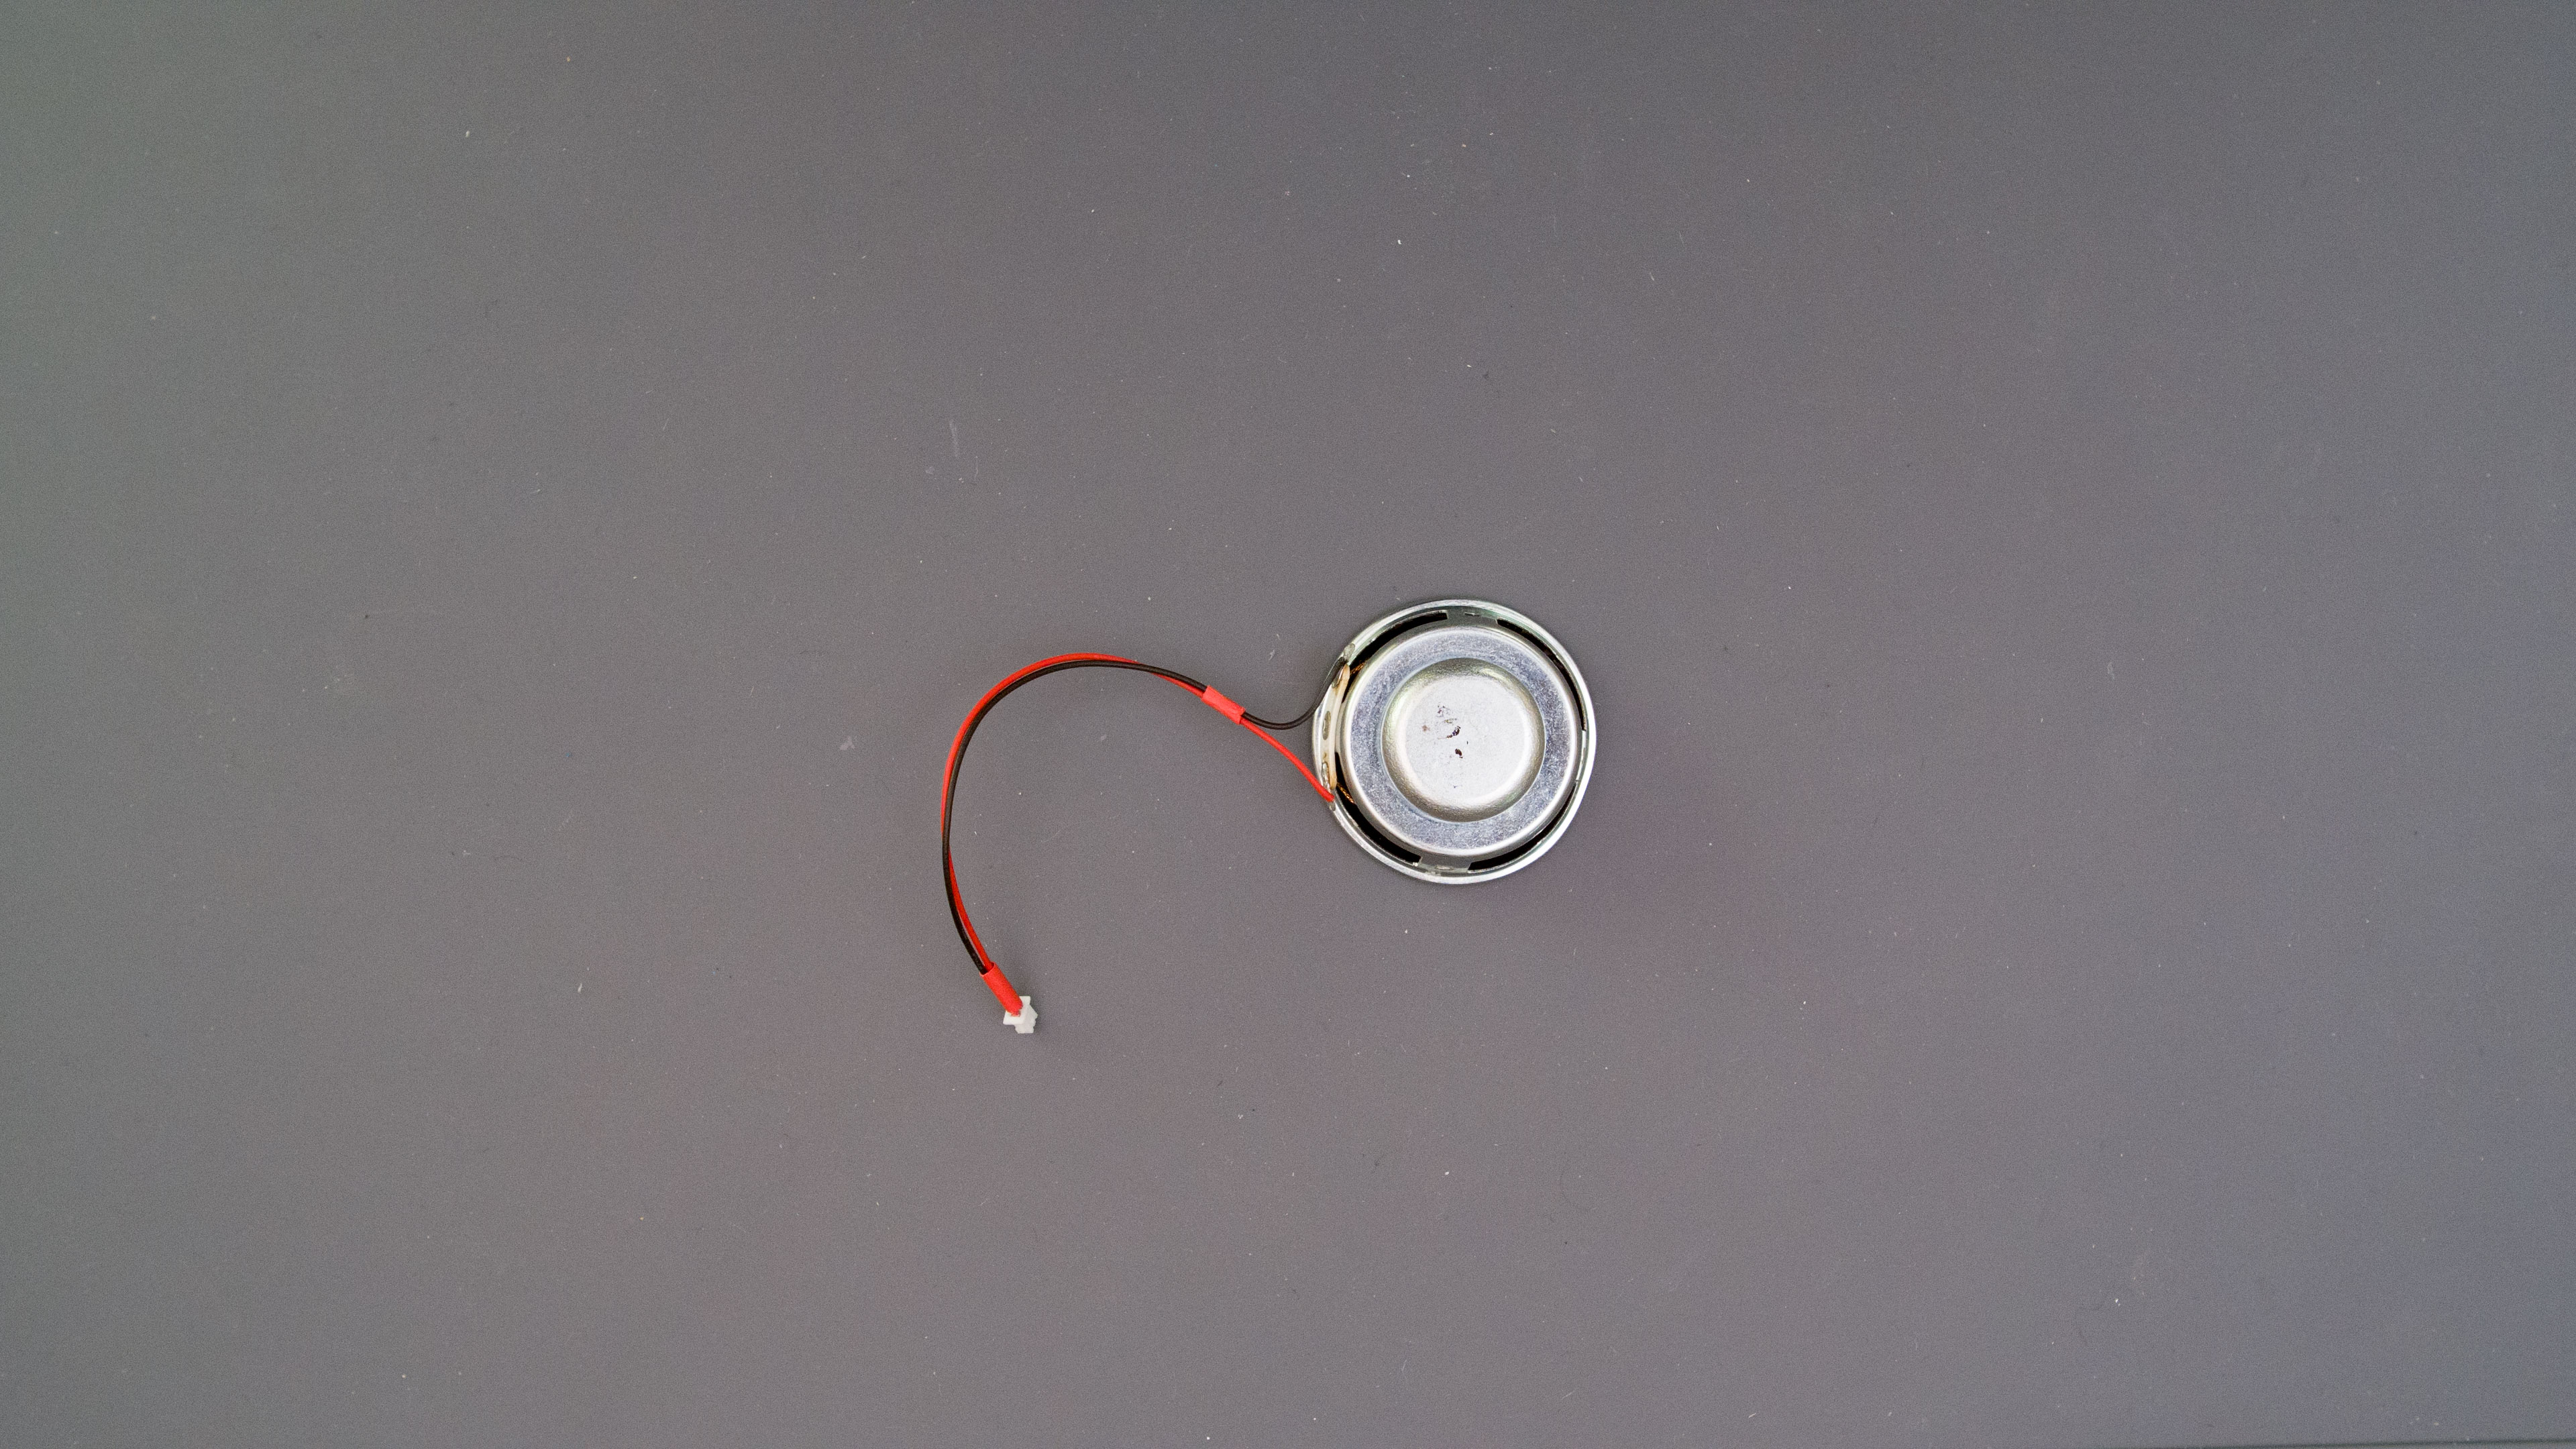 3d_printing_speaker-wired.jpg